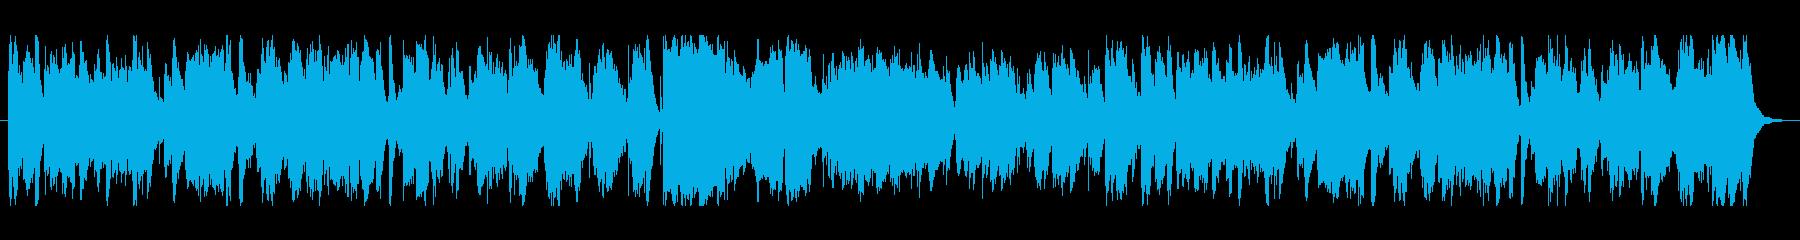 クラリネットとビッグバンドのトラン...の再生済みの波形